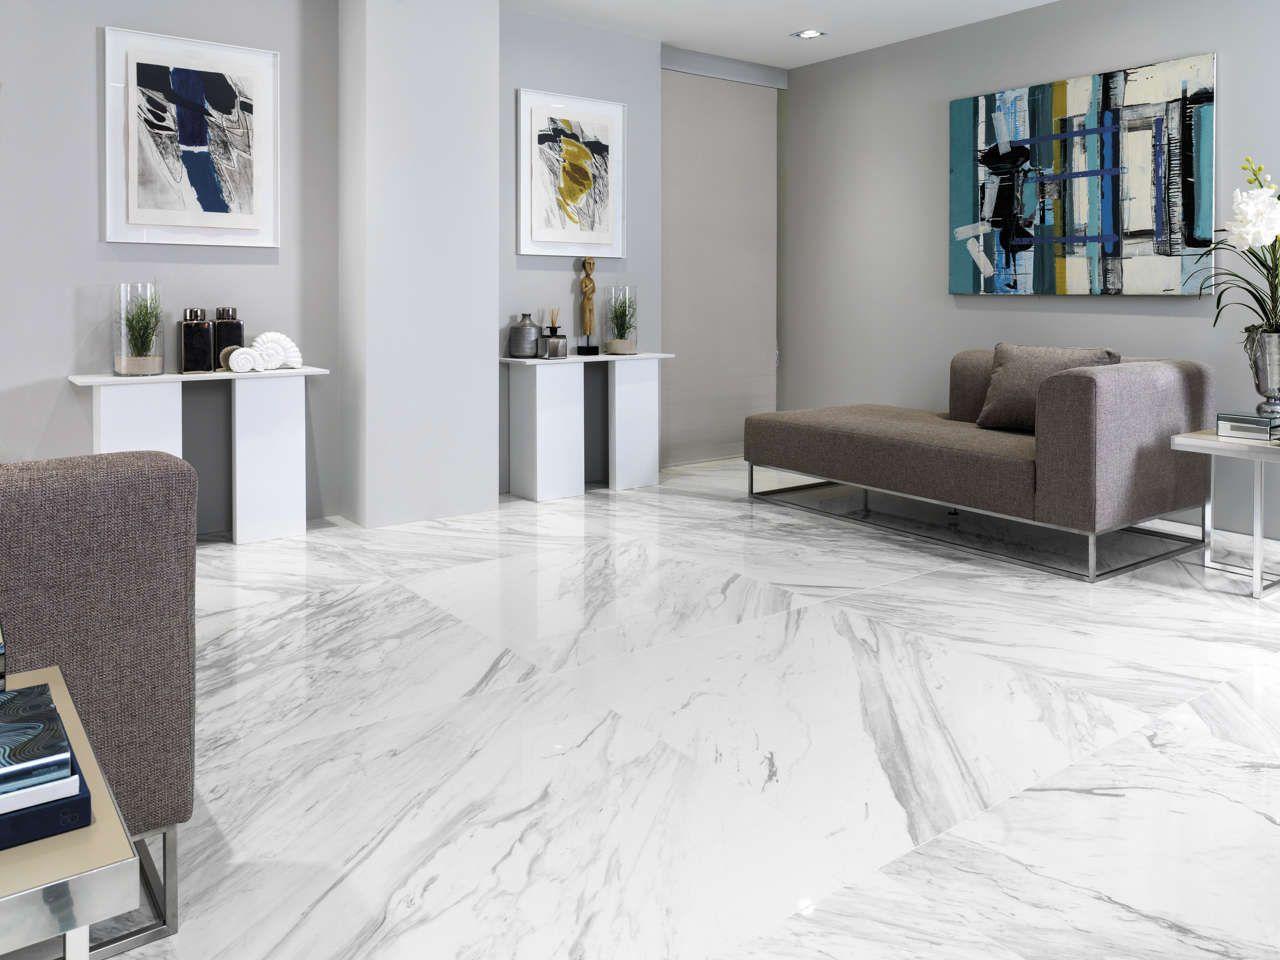 Technical porcelain floor tiles Marble Calacatta Polished 119x119 cm ...